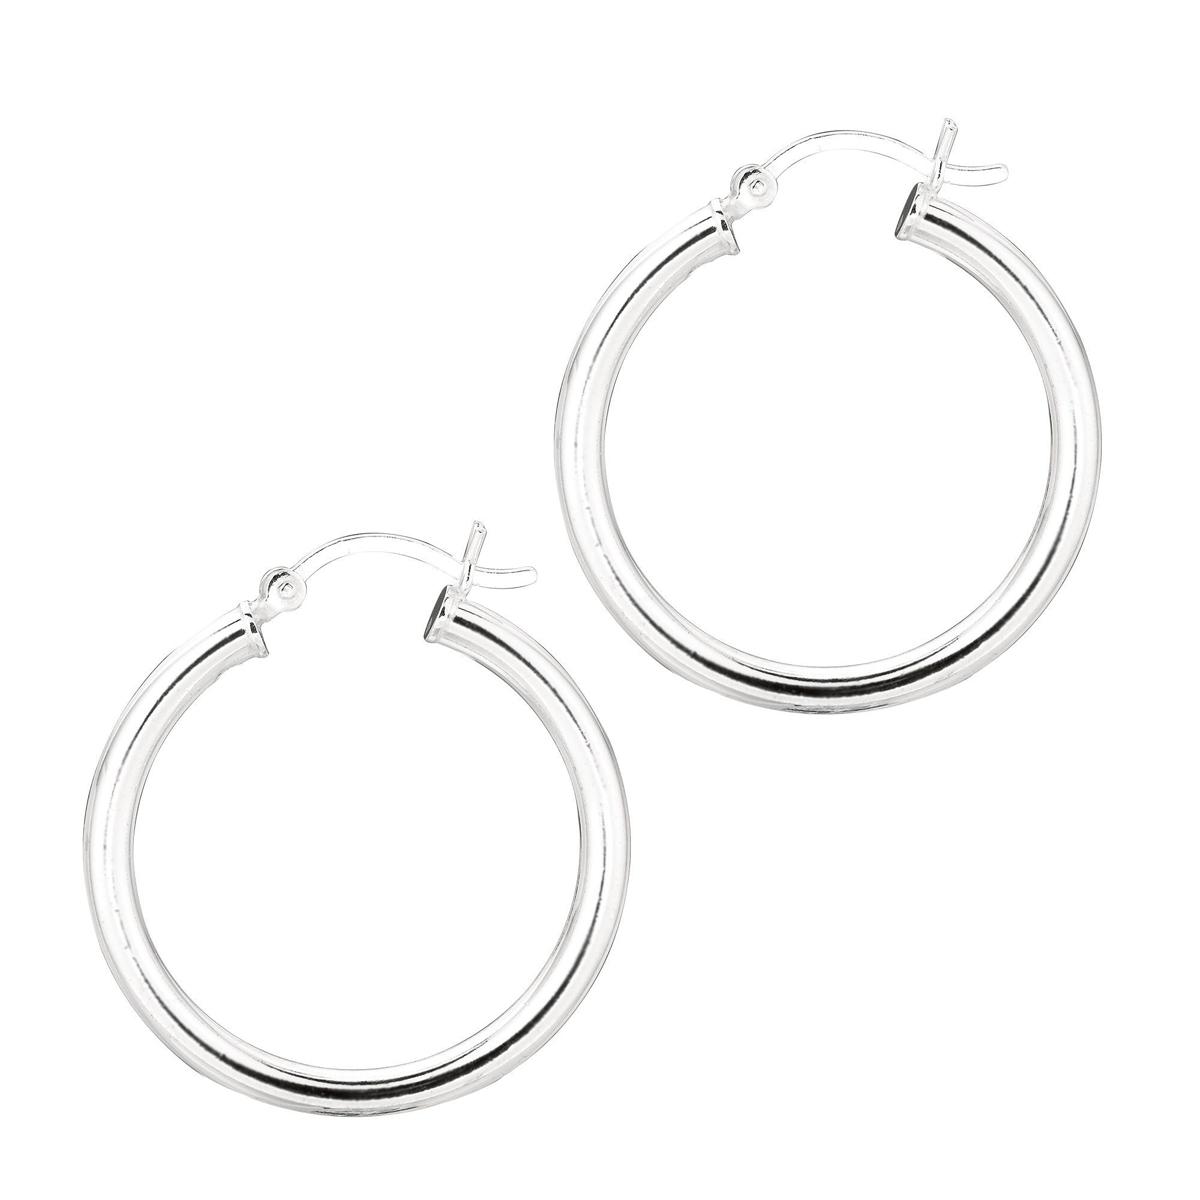 Royal Chain Sterling Silver 3mm Hoop Earrings